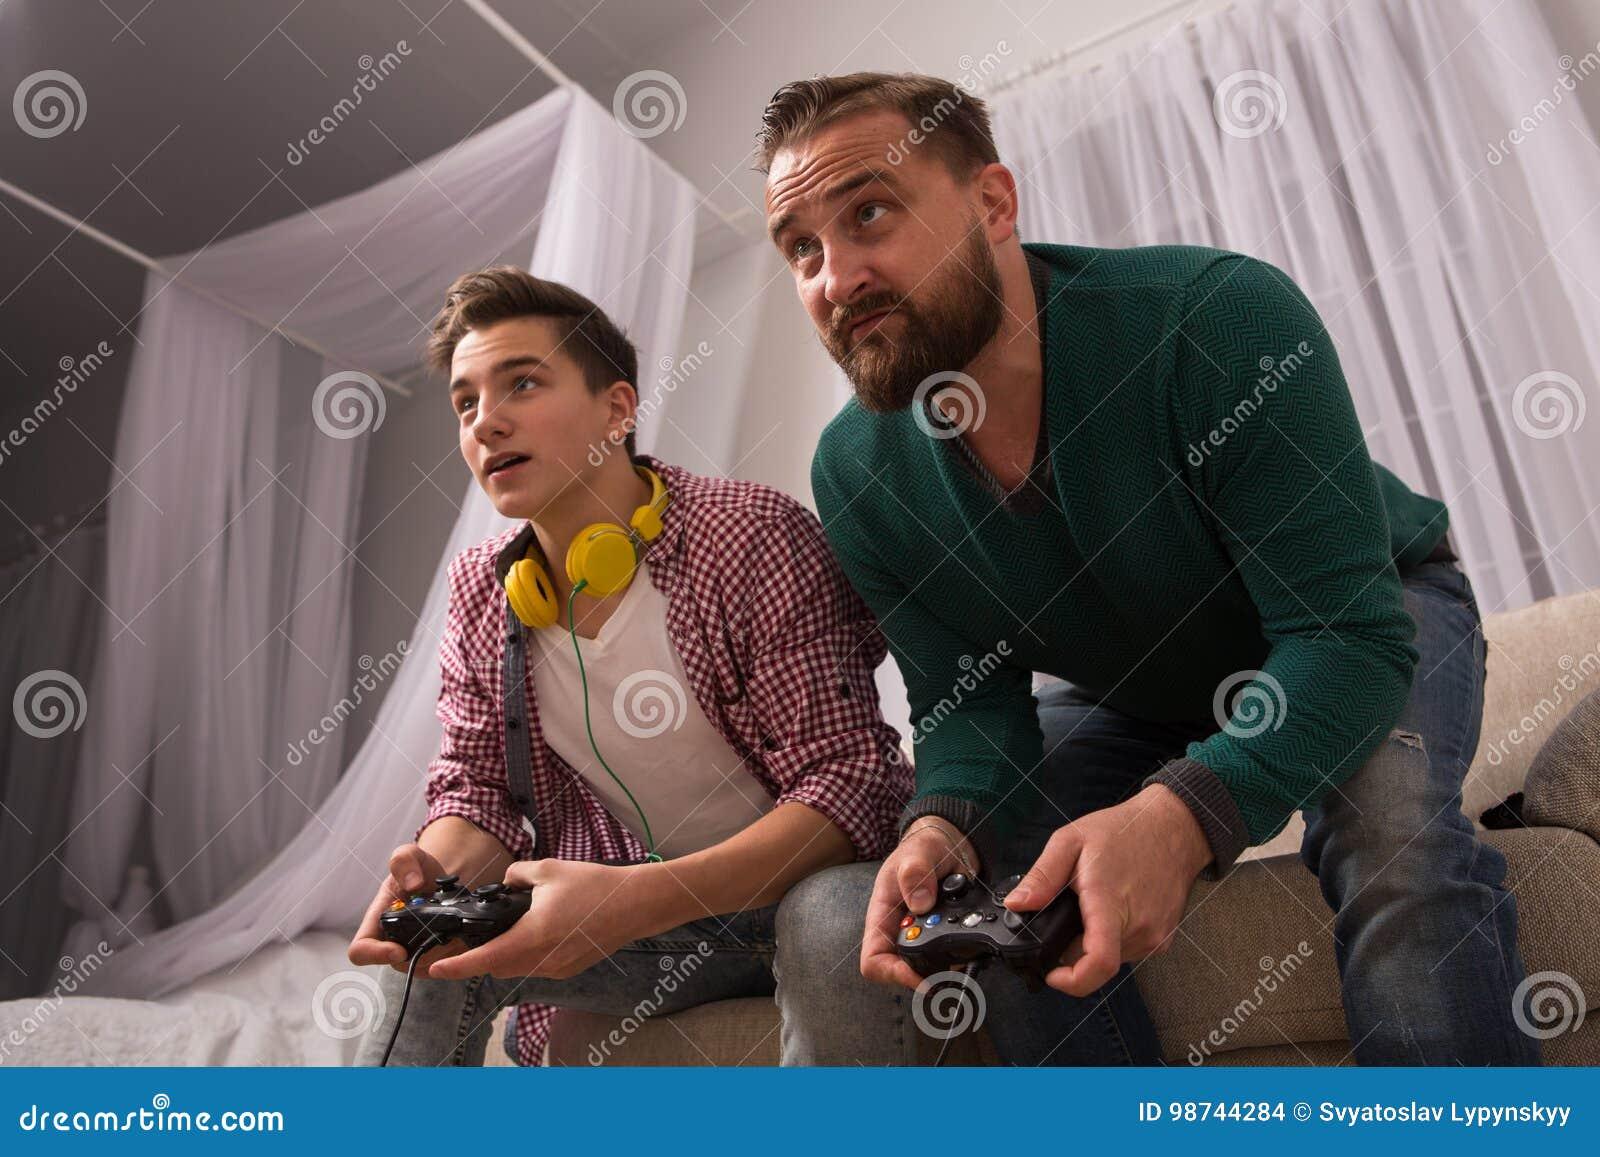 Концепция, отец и сын видеоигры наслаждаясь играющ консоль совместно